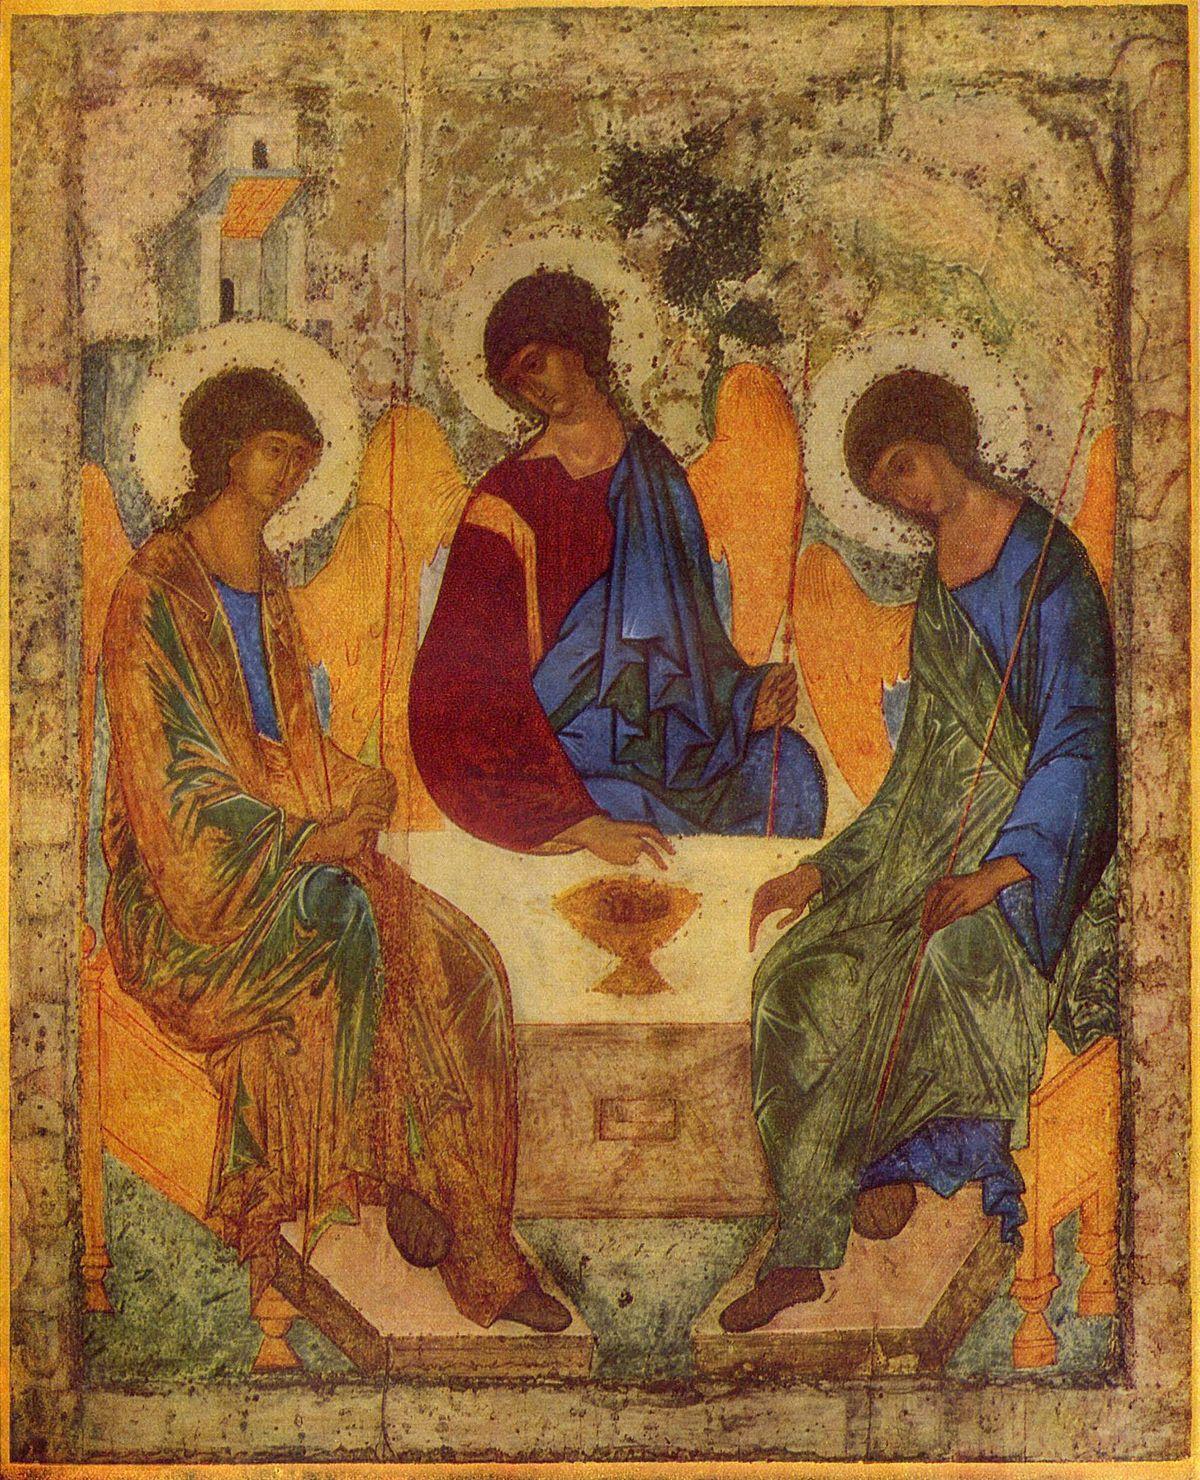 В этот день верующие вспоминаютсошествие Святого Духа на апостолов / fr.wikipedia.org